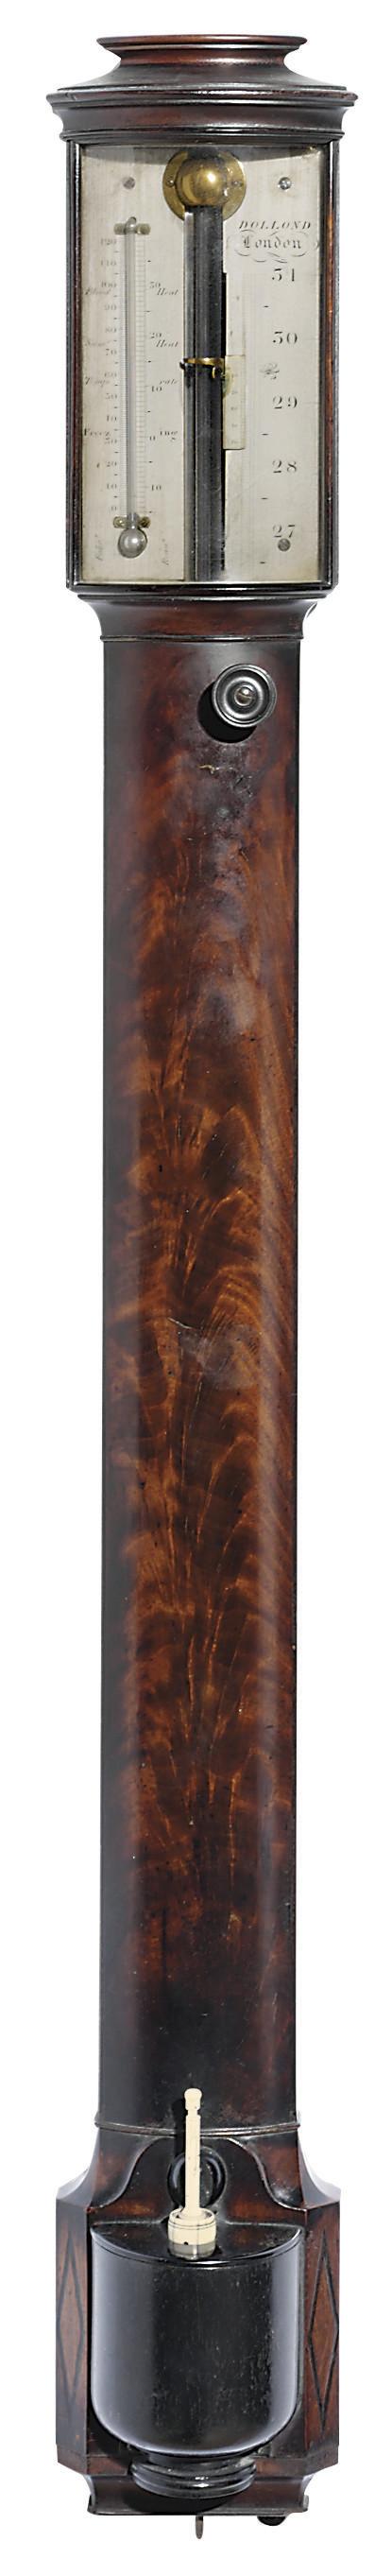 A Regency mahogany and ebony s